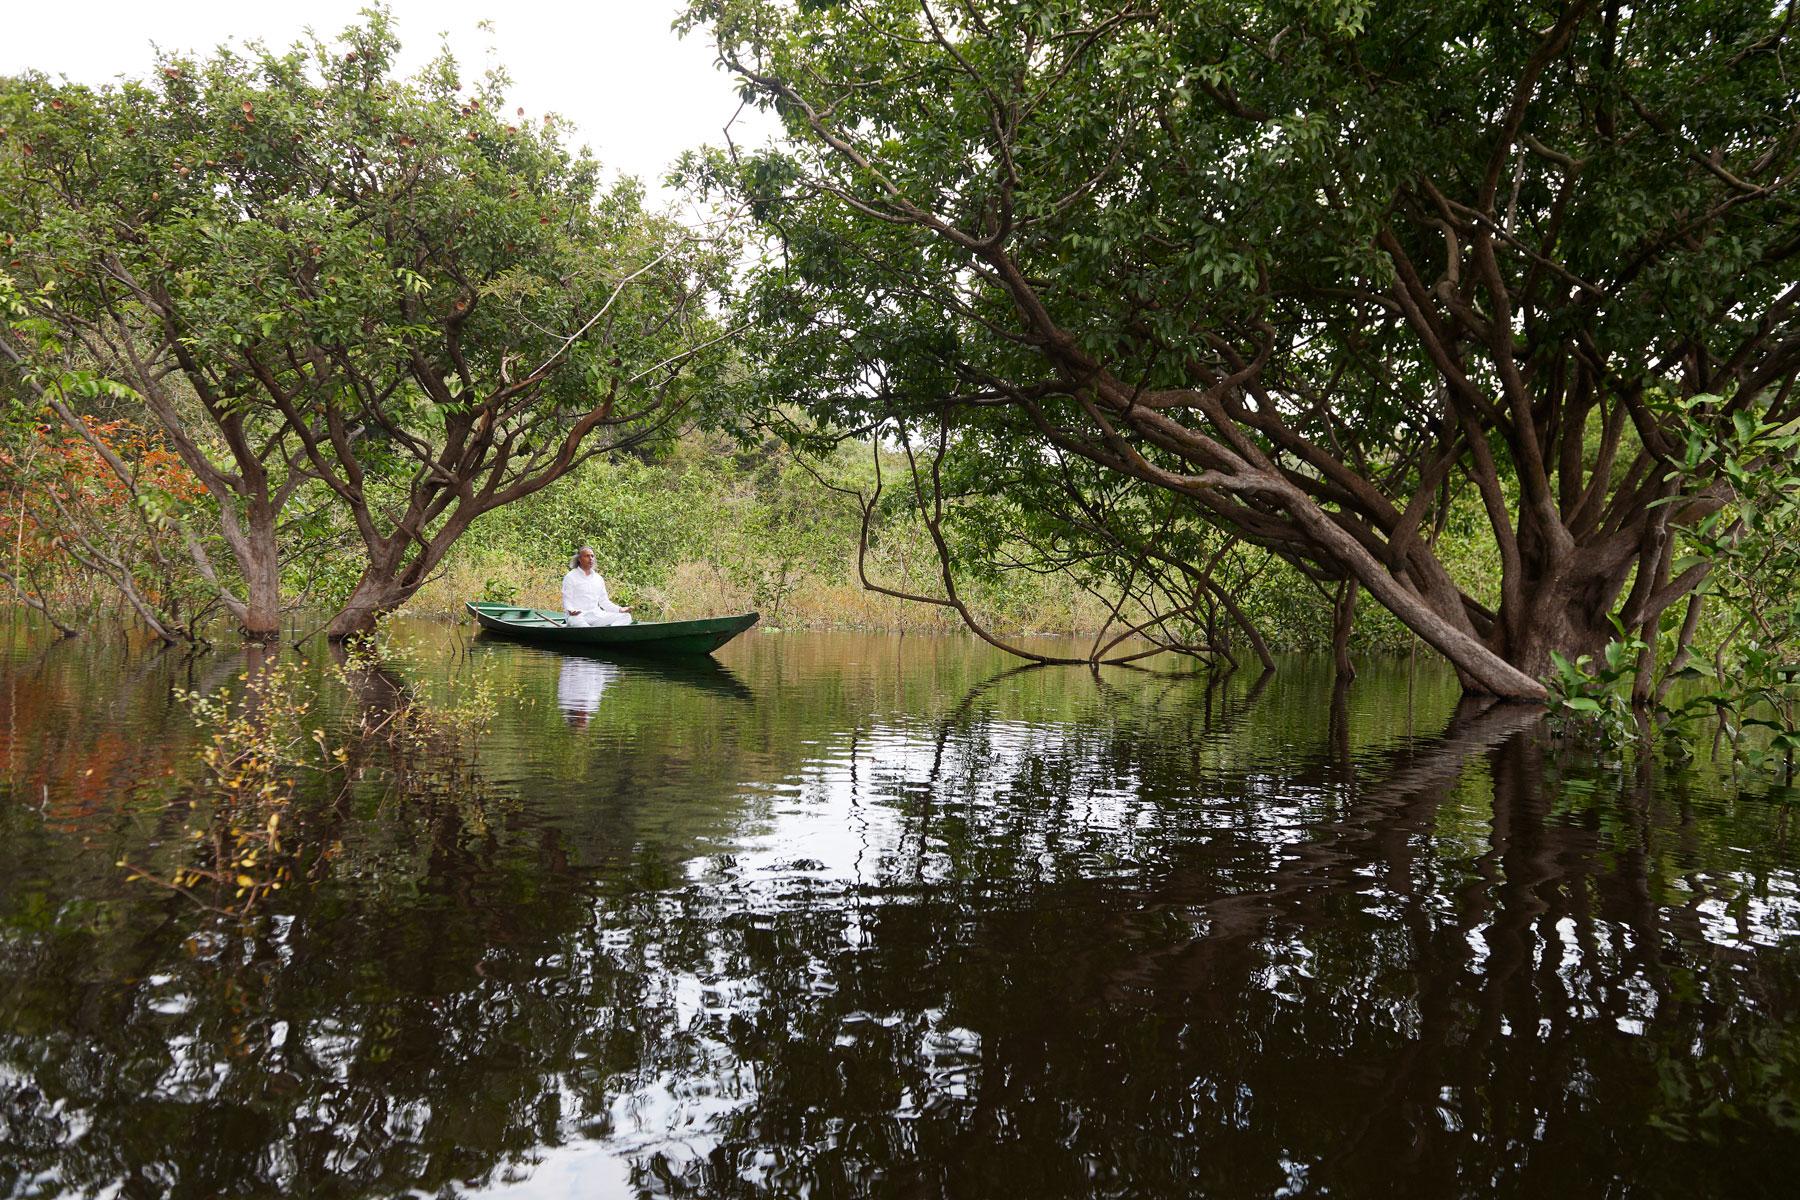 Foto einer stillen Nebenflusslandschaft des Rio Negro mit einem im Boot sitzenden meditierenden Mannes in Weiß